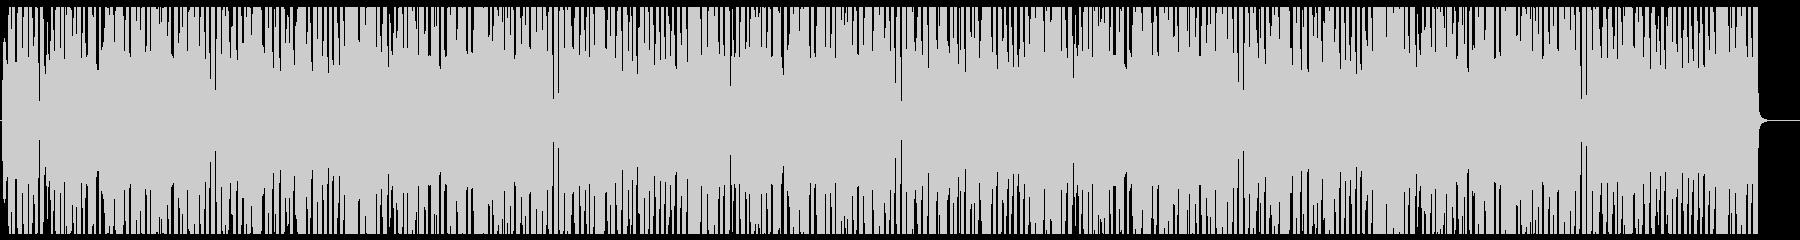 フォークダンスの定番、オクラホマミキサーの未再生の波形